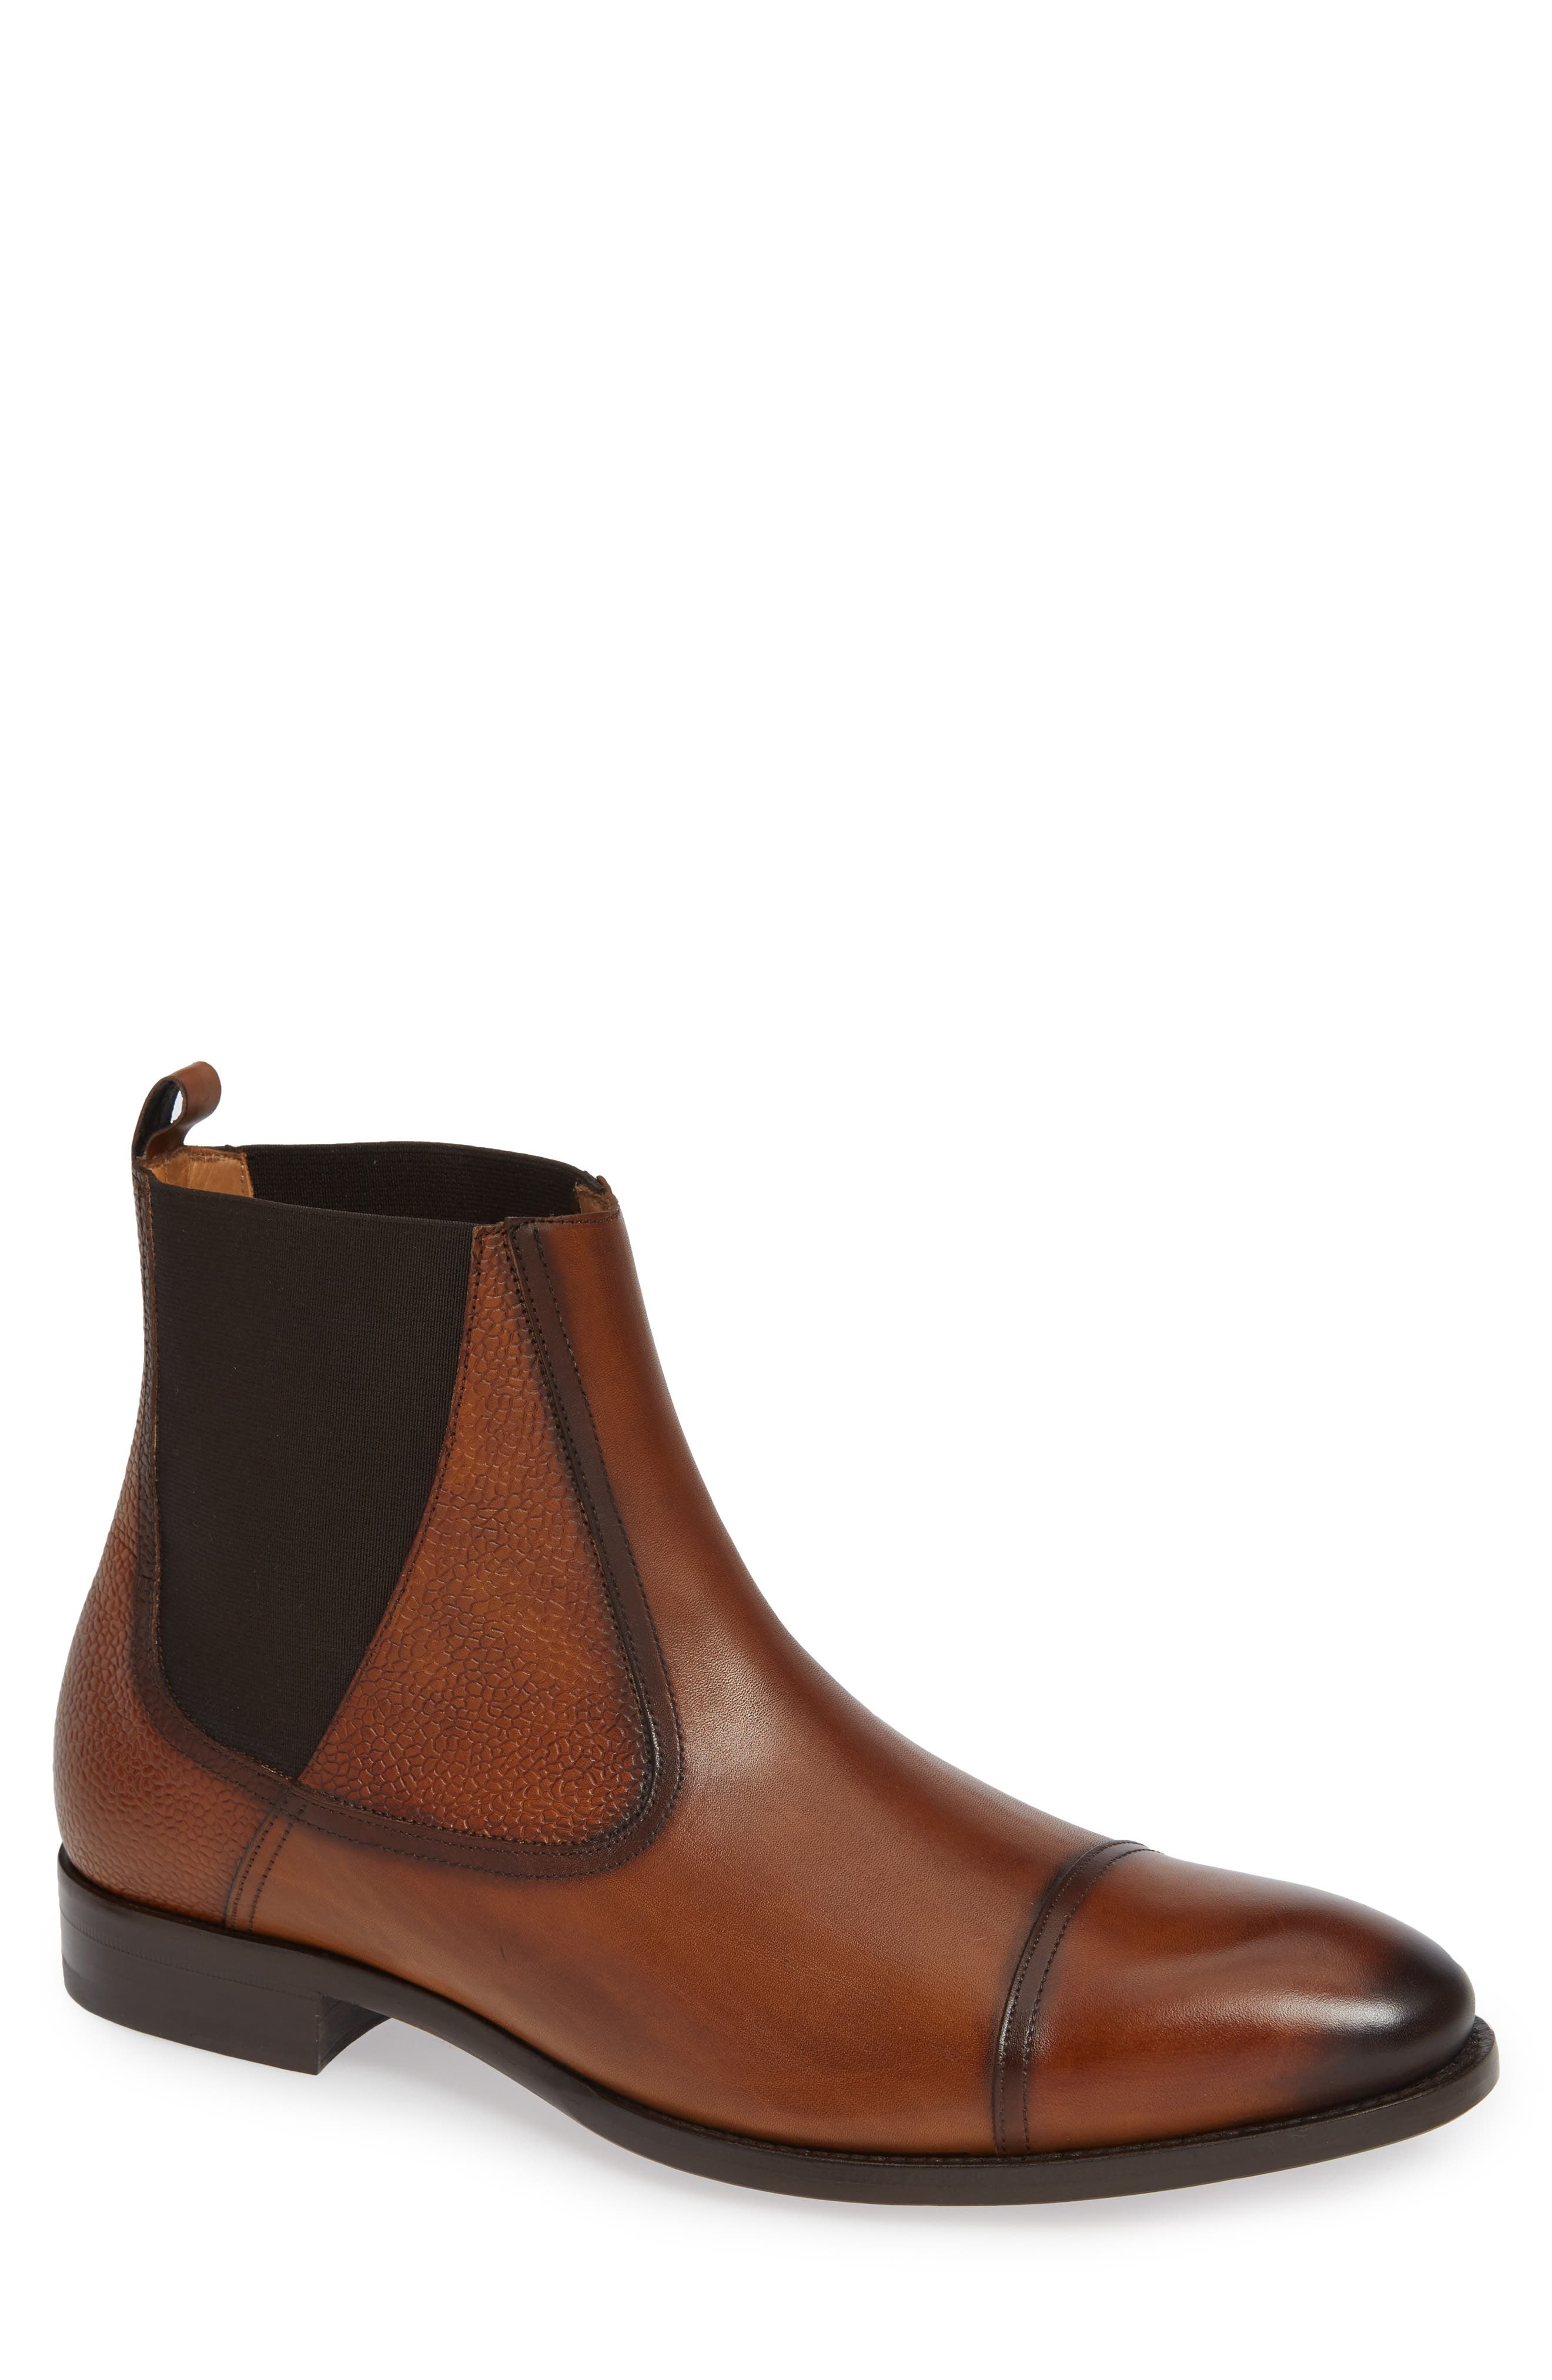 Mezlan Higgins Cap Toe Chelsea Boot, Brown